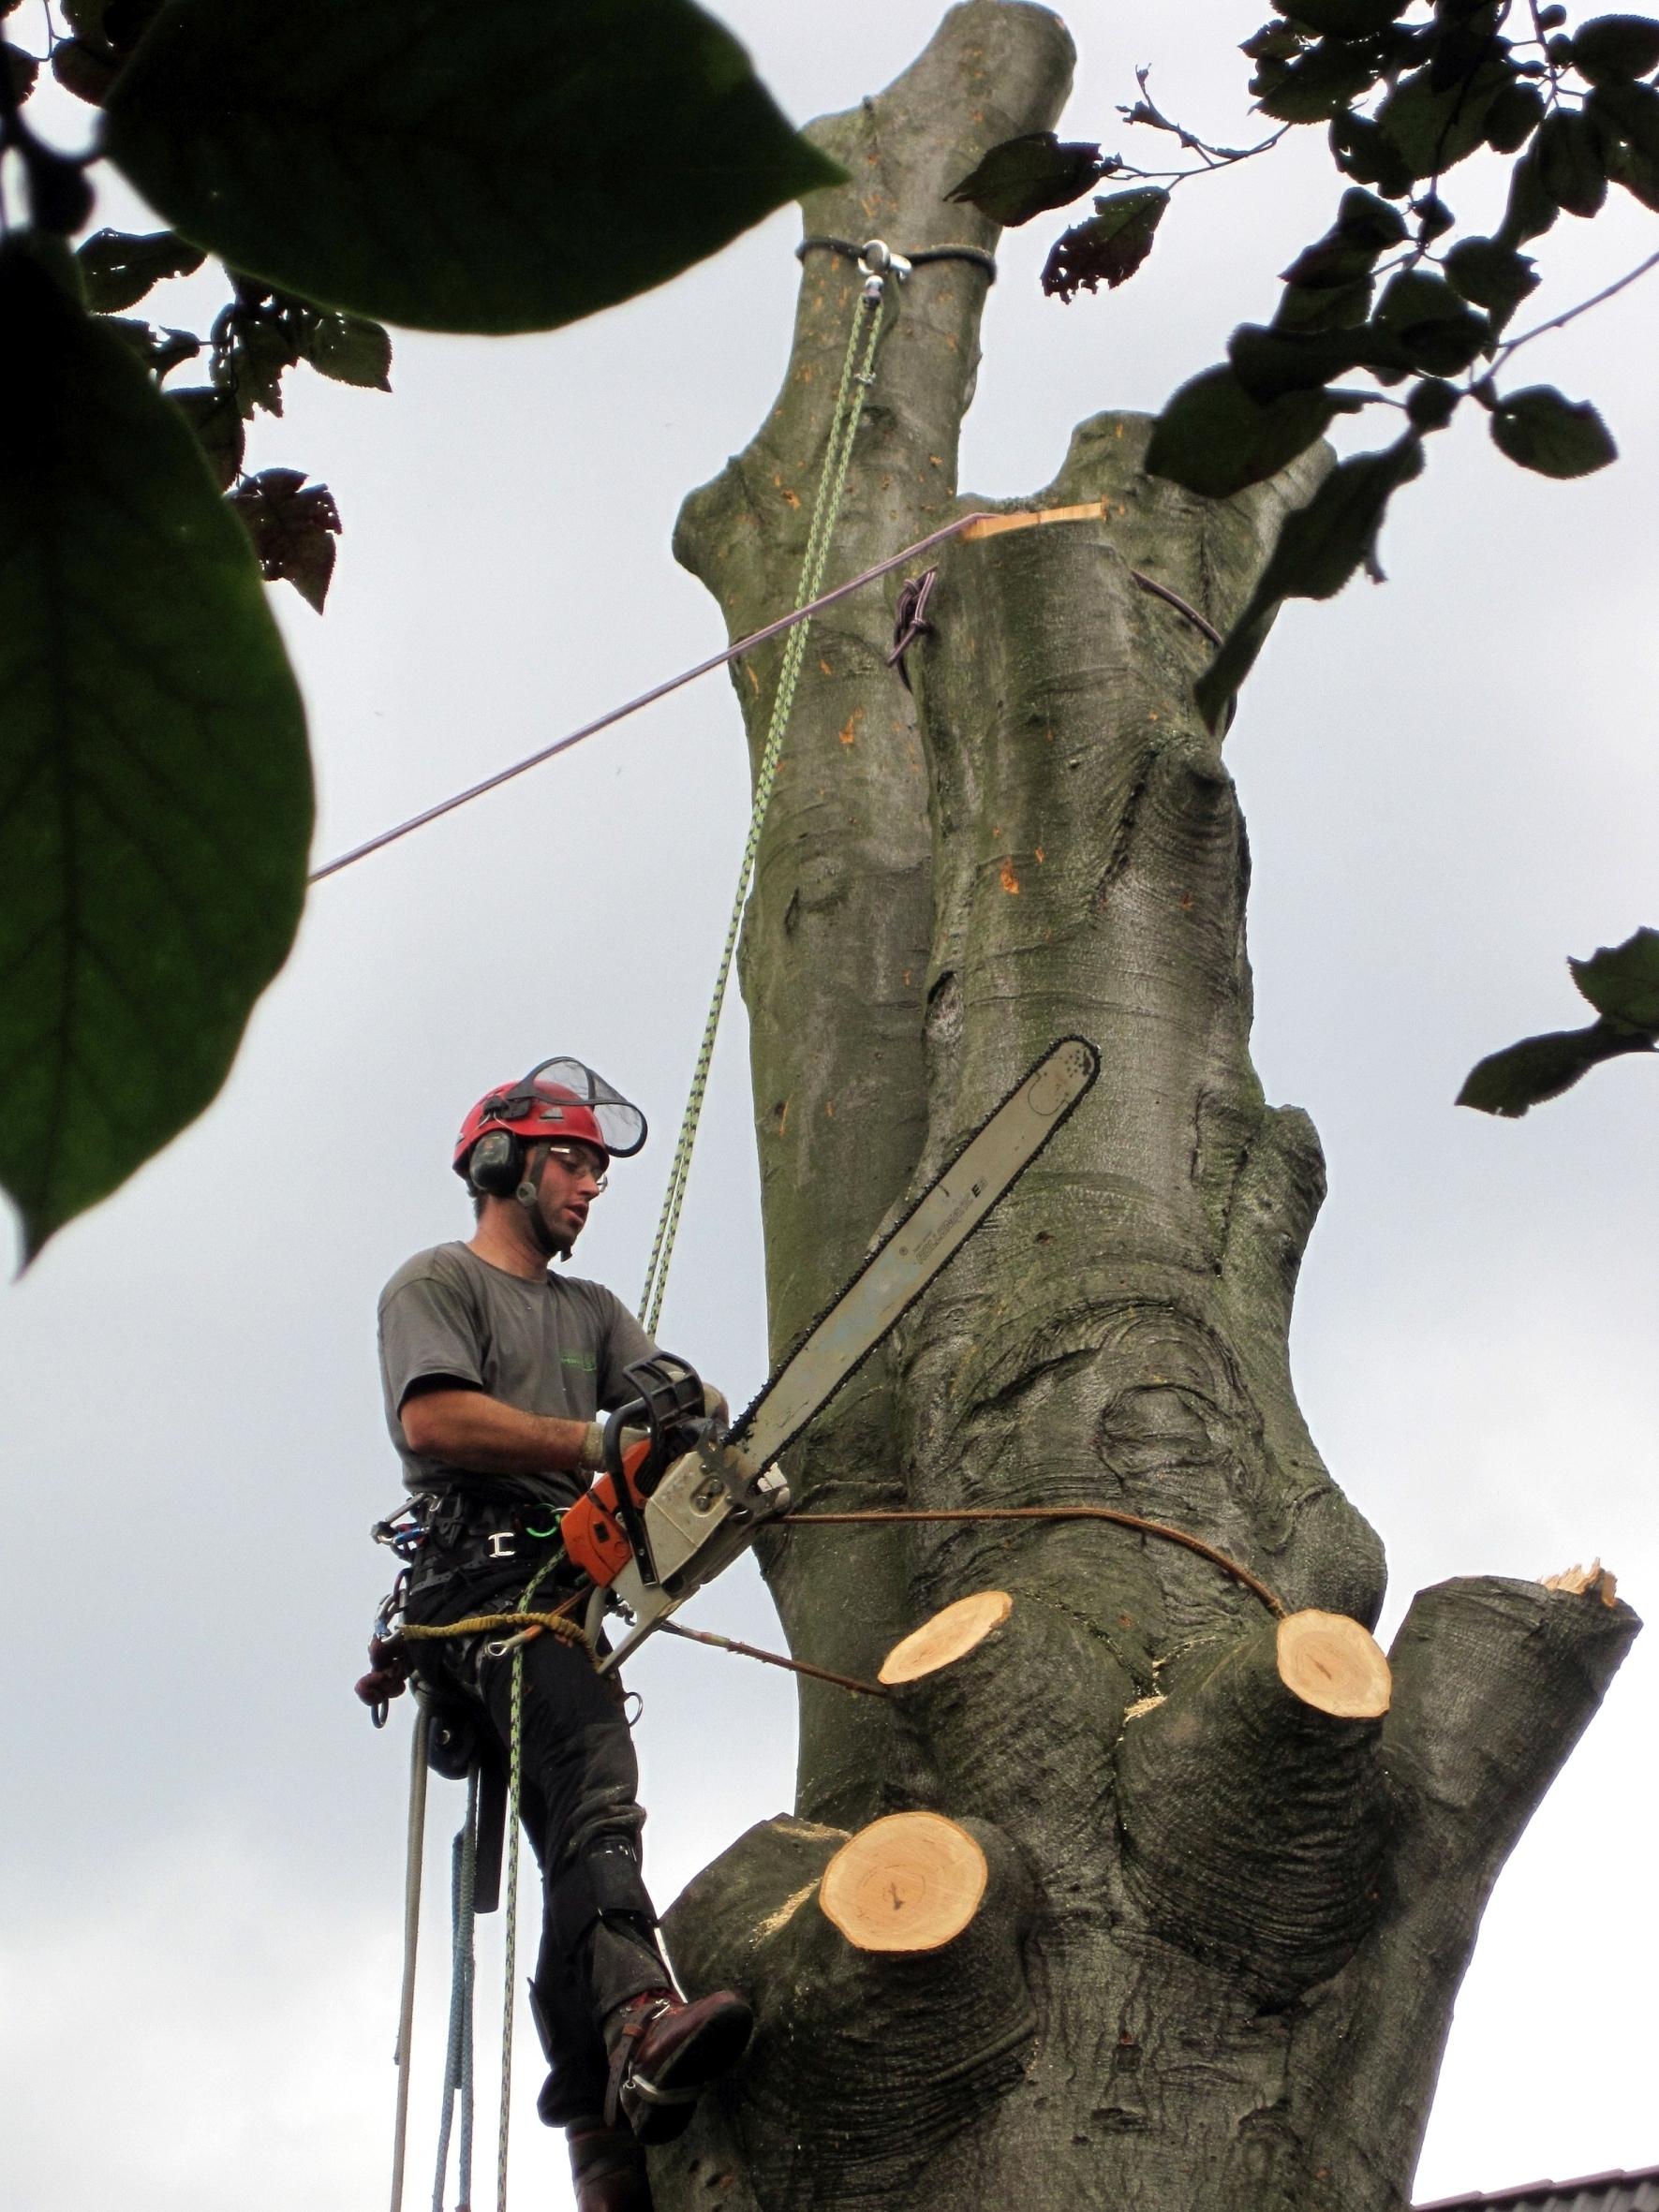 Schneiden und Fällen auf engstem Raum:  Von Baum zu Baum im Großstadtdschungel